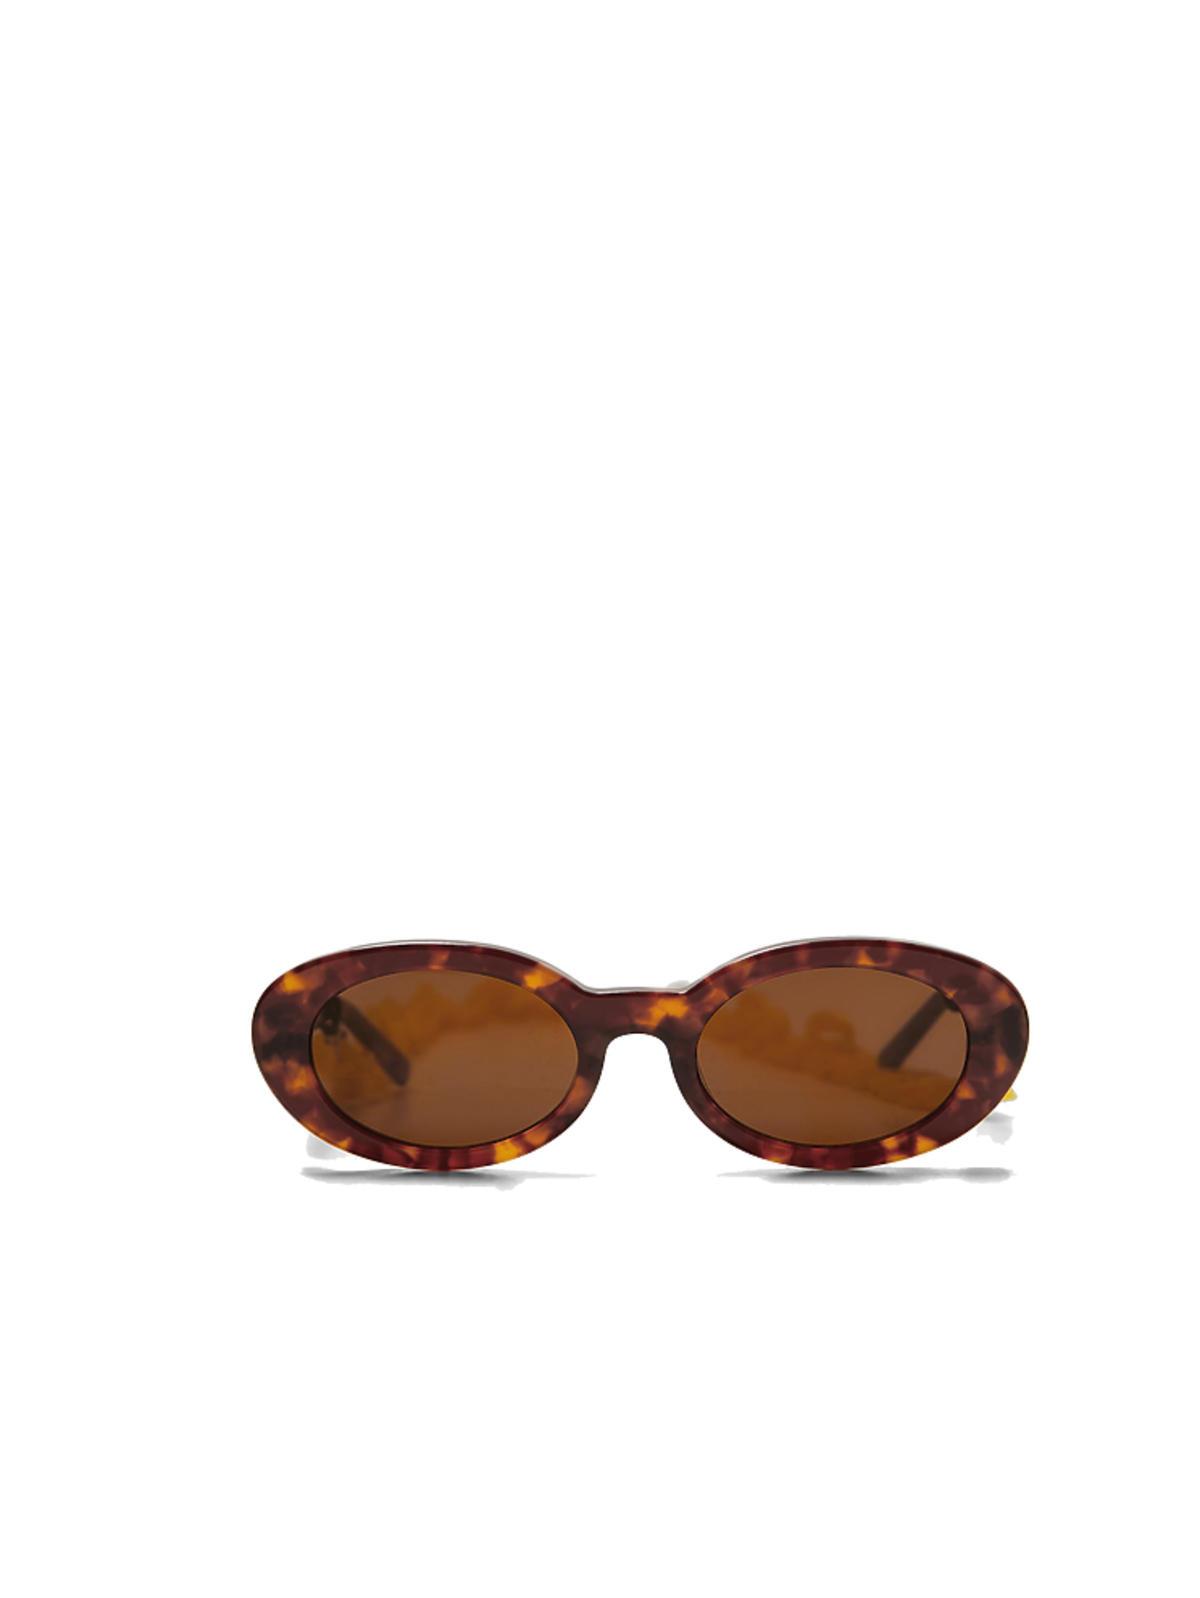 Owalne okulary, 99,90 zł